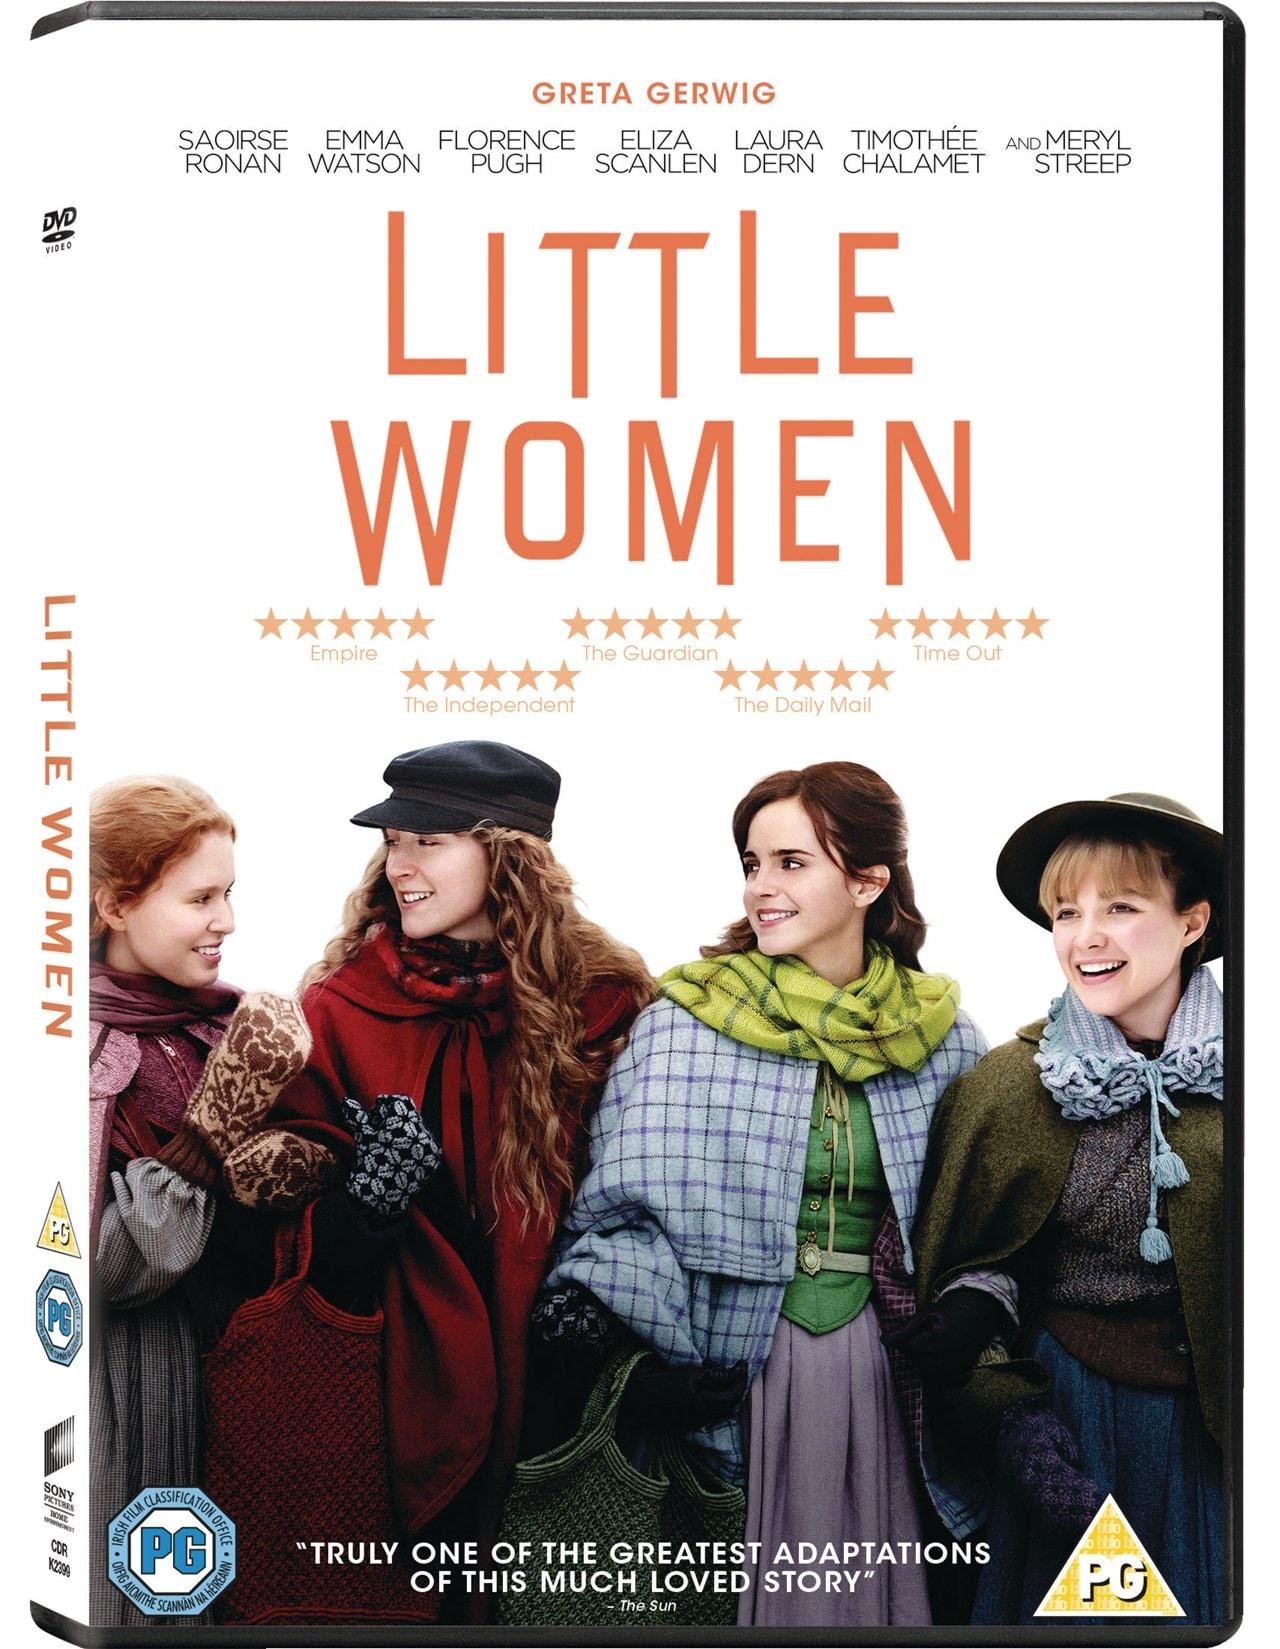 Little Women - 2